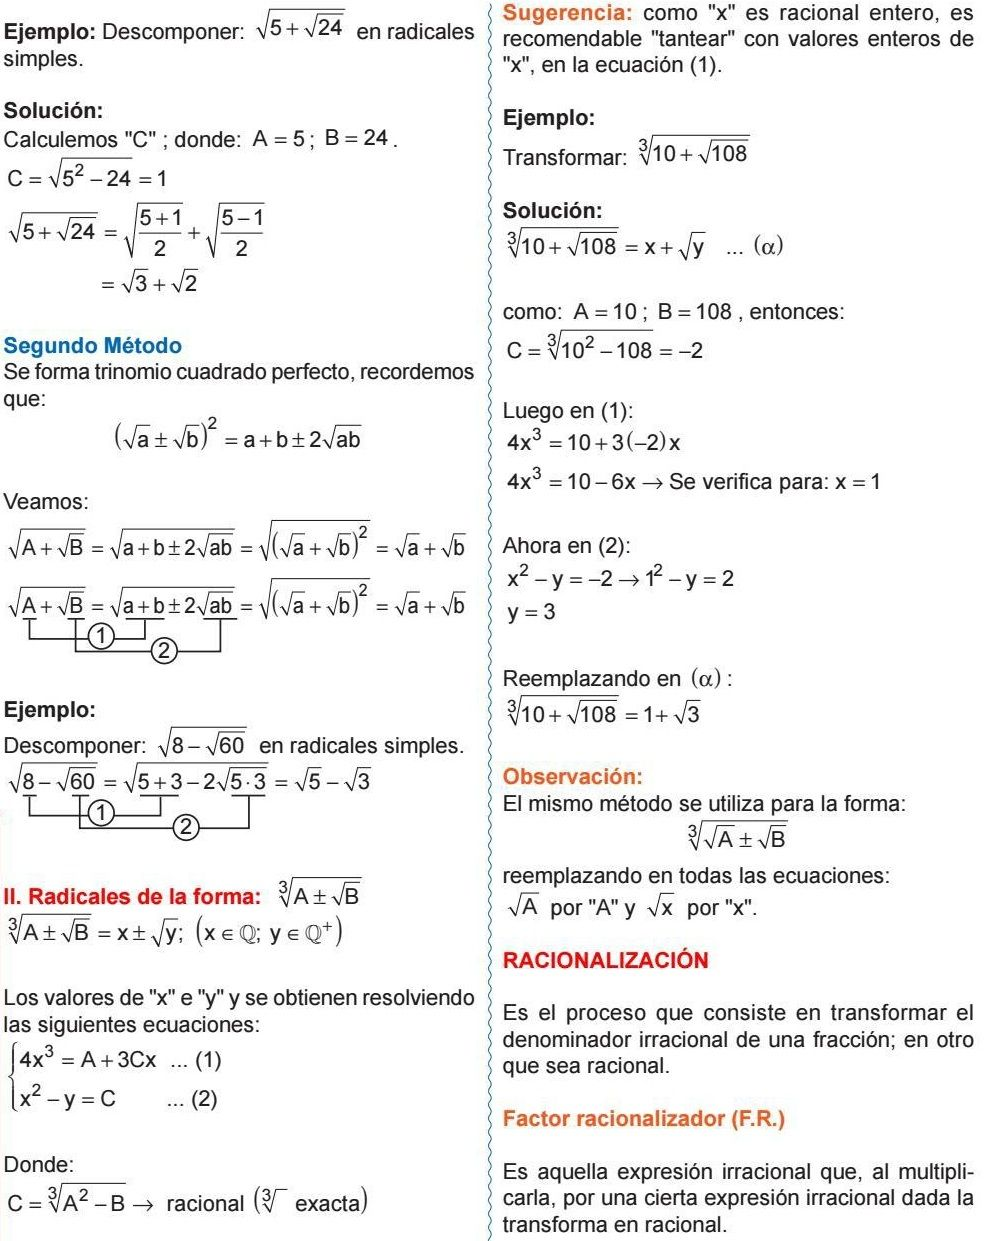 Racionalización Factor Racionalizador F R Algebra Math Physics